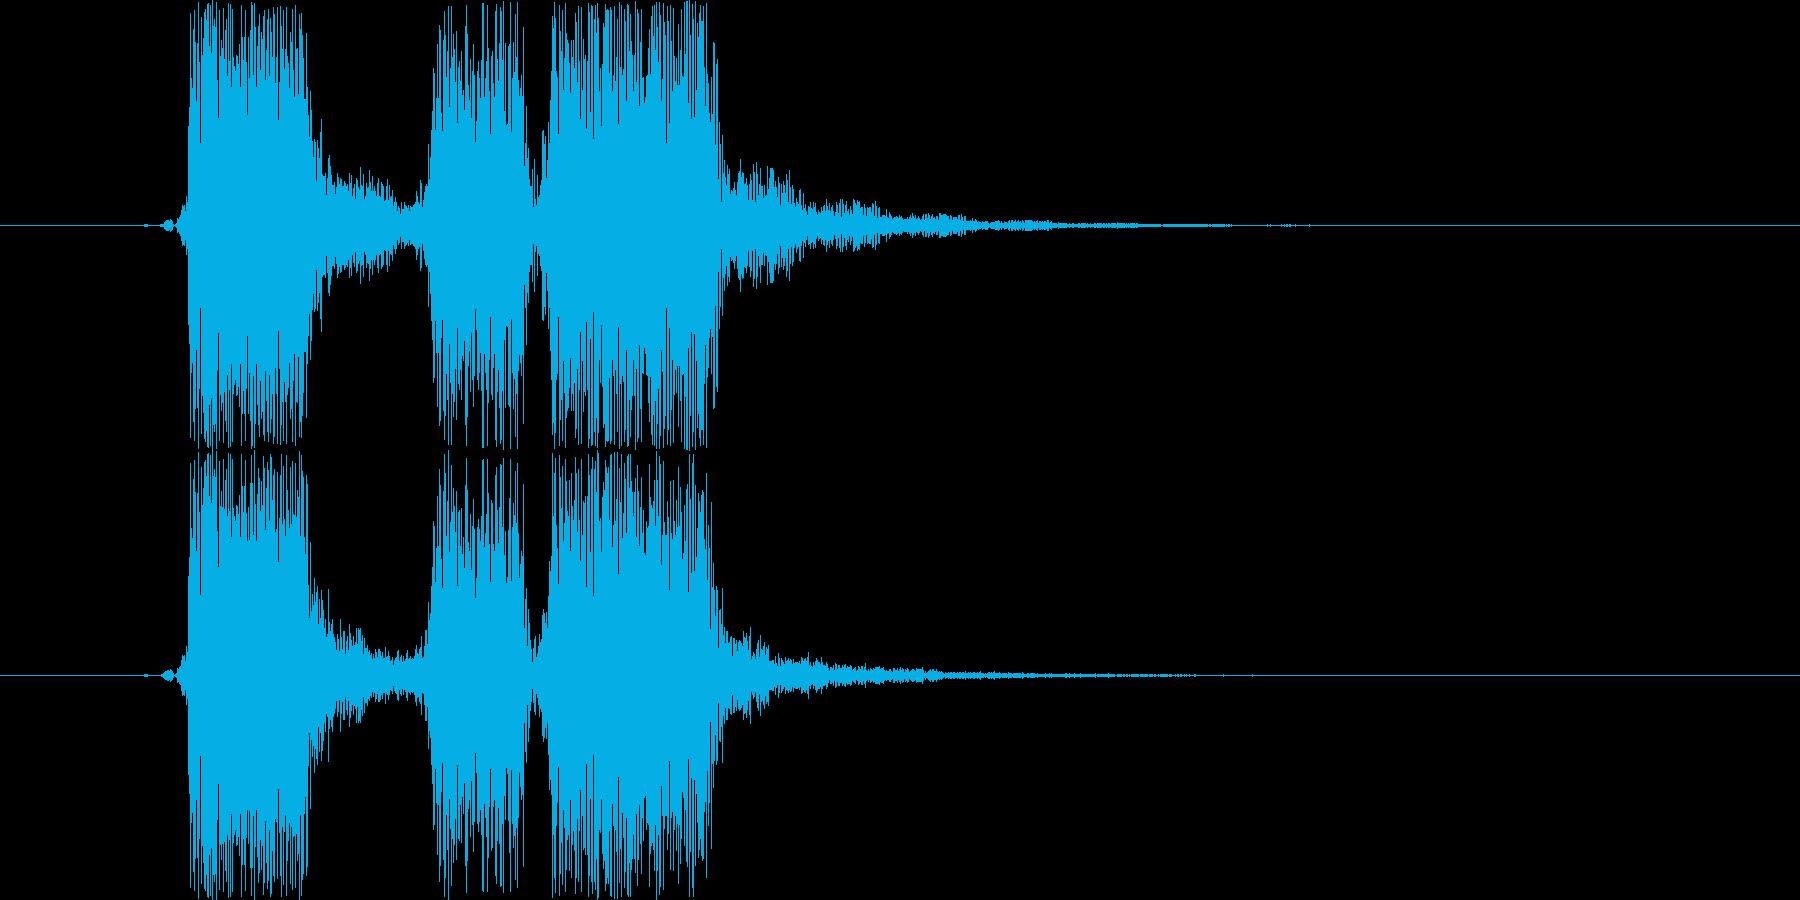 SF系の「ゲームオーバー」という声の再生済みの波形